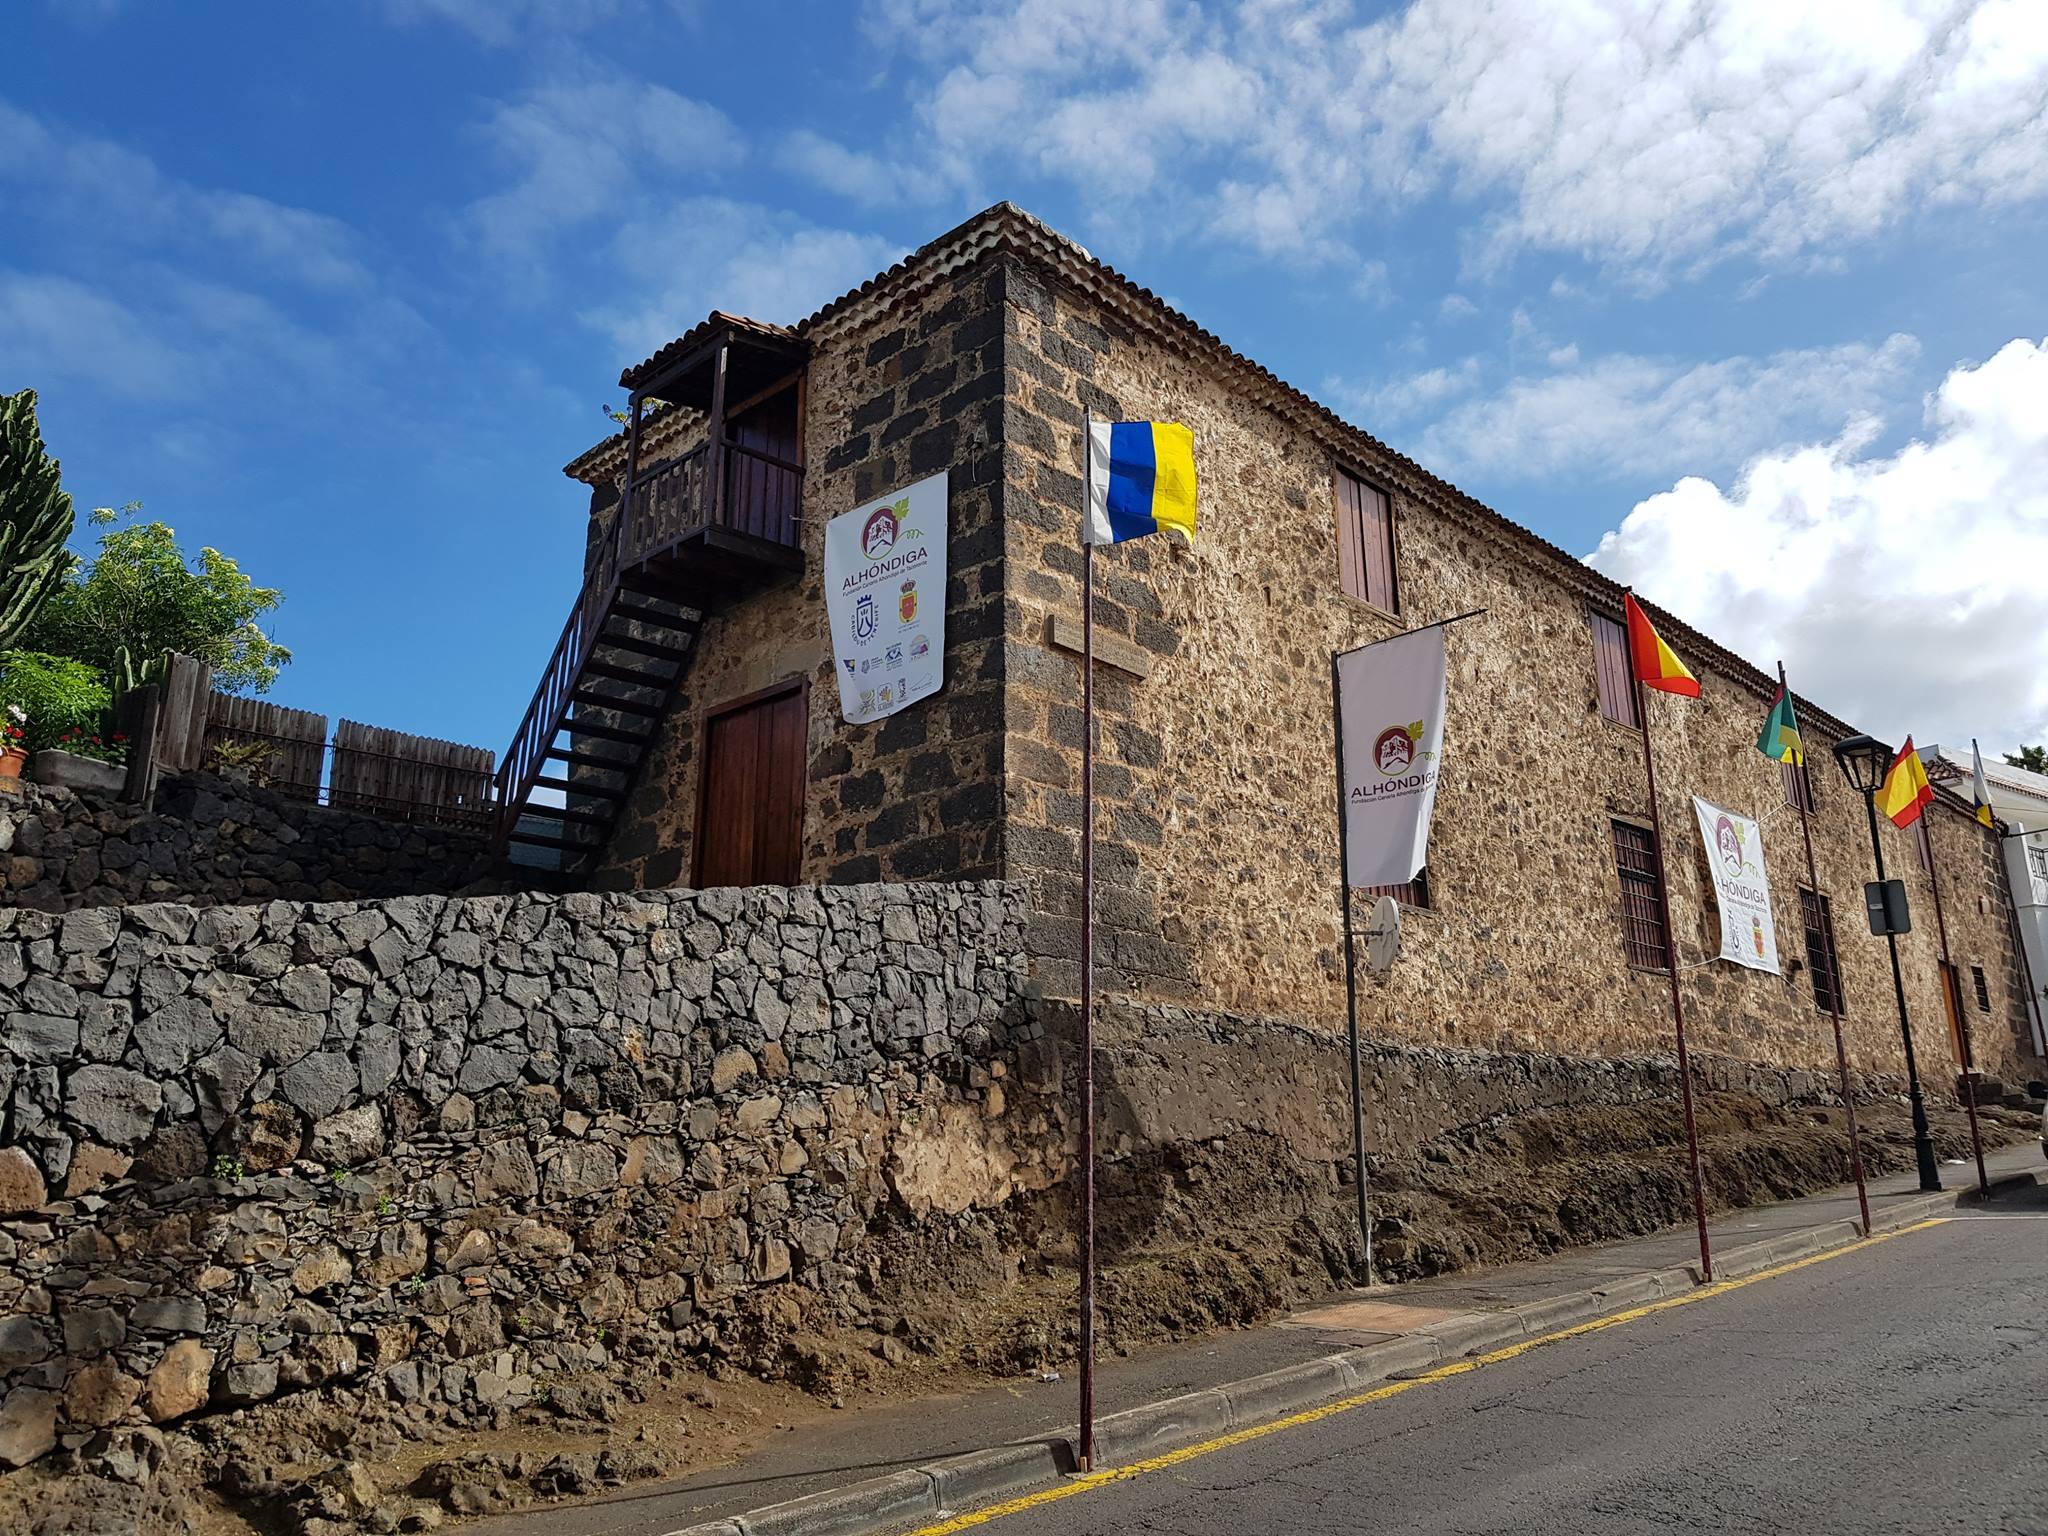 El próximo sábado 11 de mayo de 2019, se entregarán los Premios del XXXII Concurso Regional de vinos Alhóndiga 2019